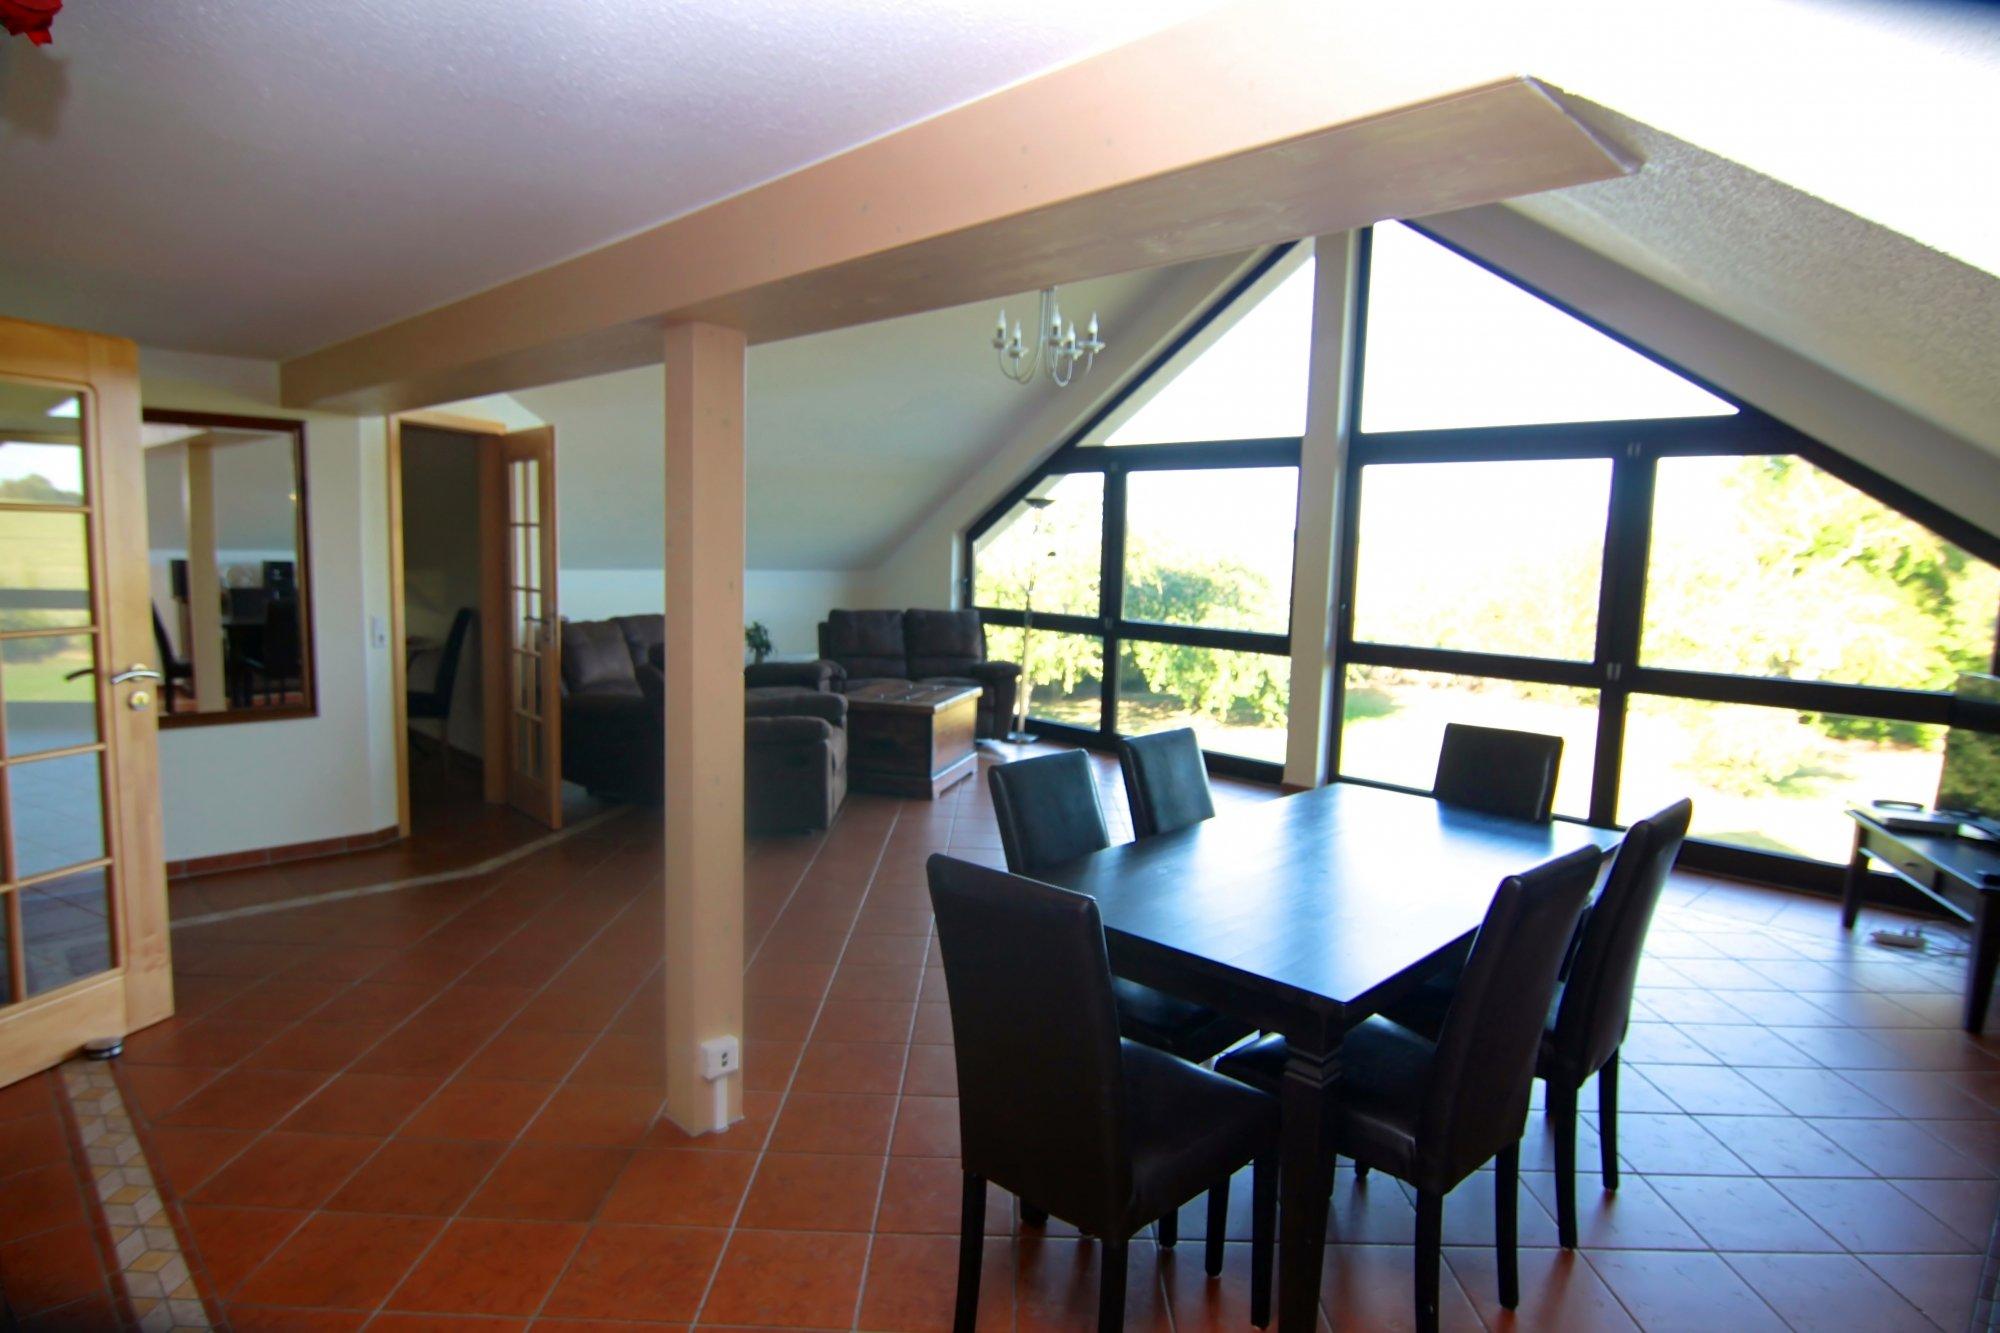 Wohnzimmer mit Glasfront im DG